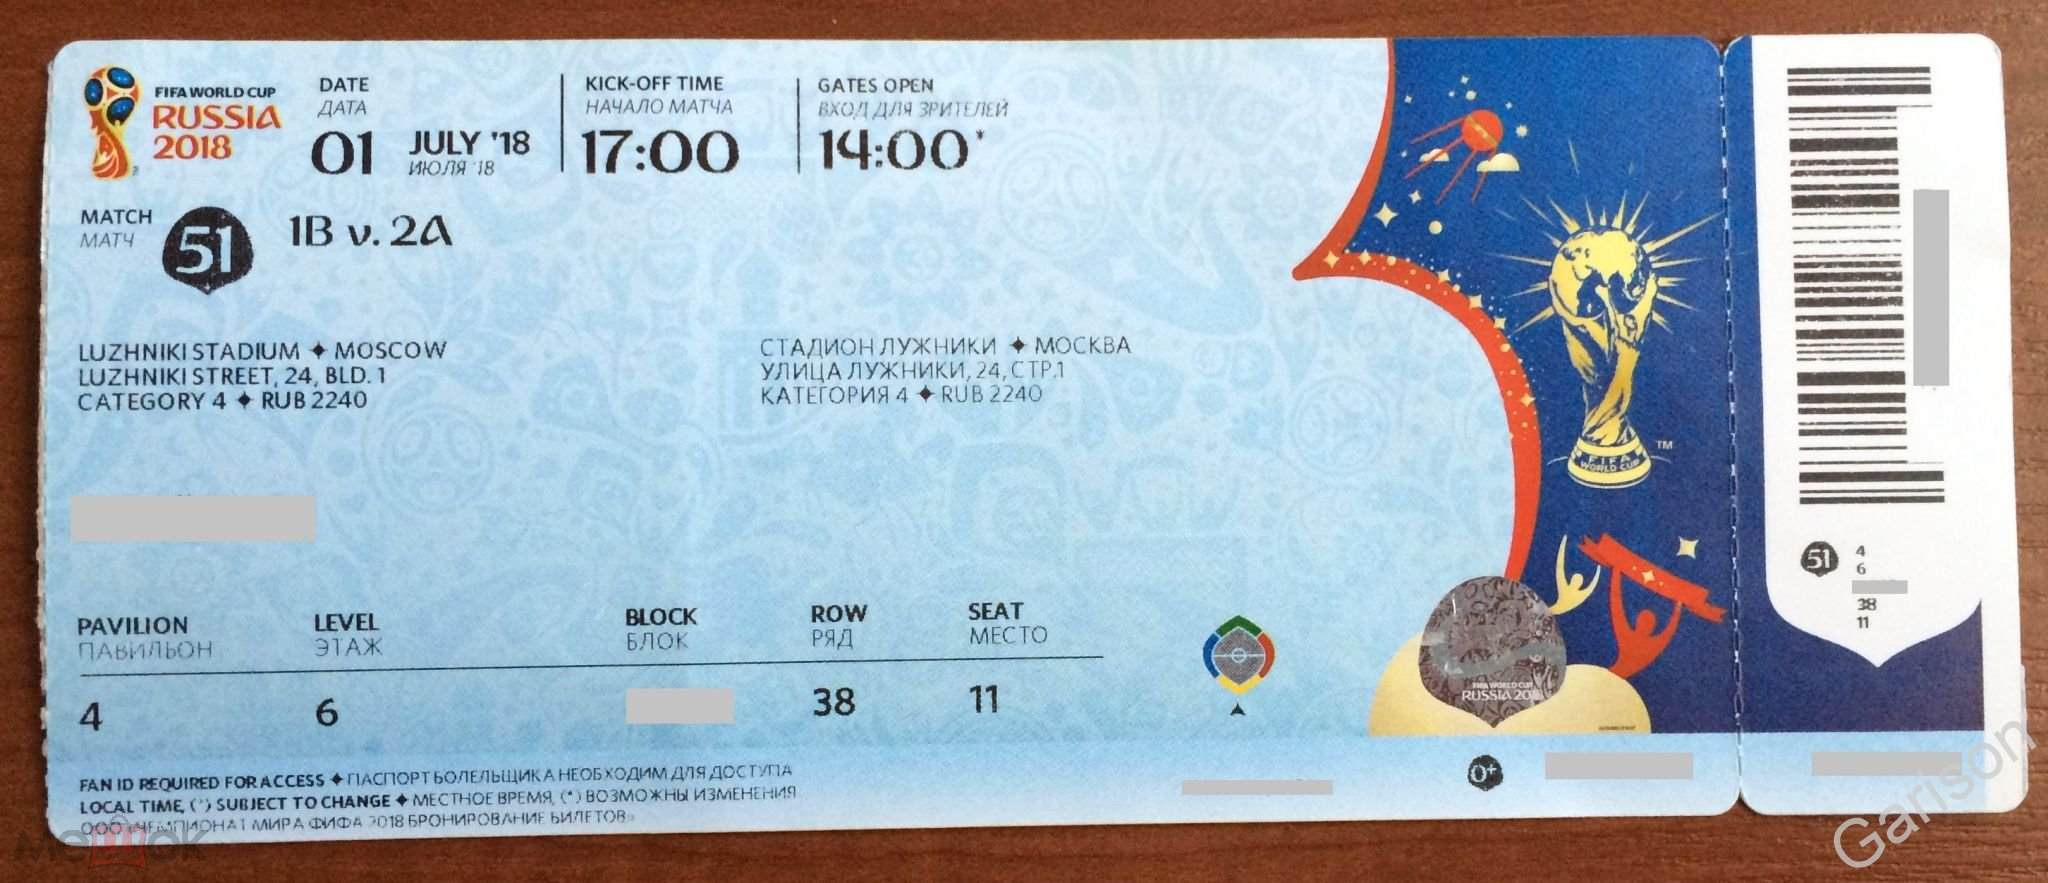 Билет Чемпионат Мира  2018 по футболу матч №51 Испания - Россия 01.07.2018